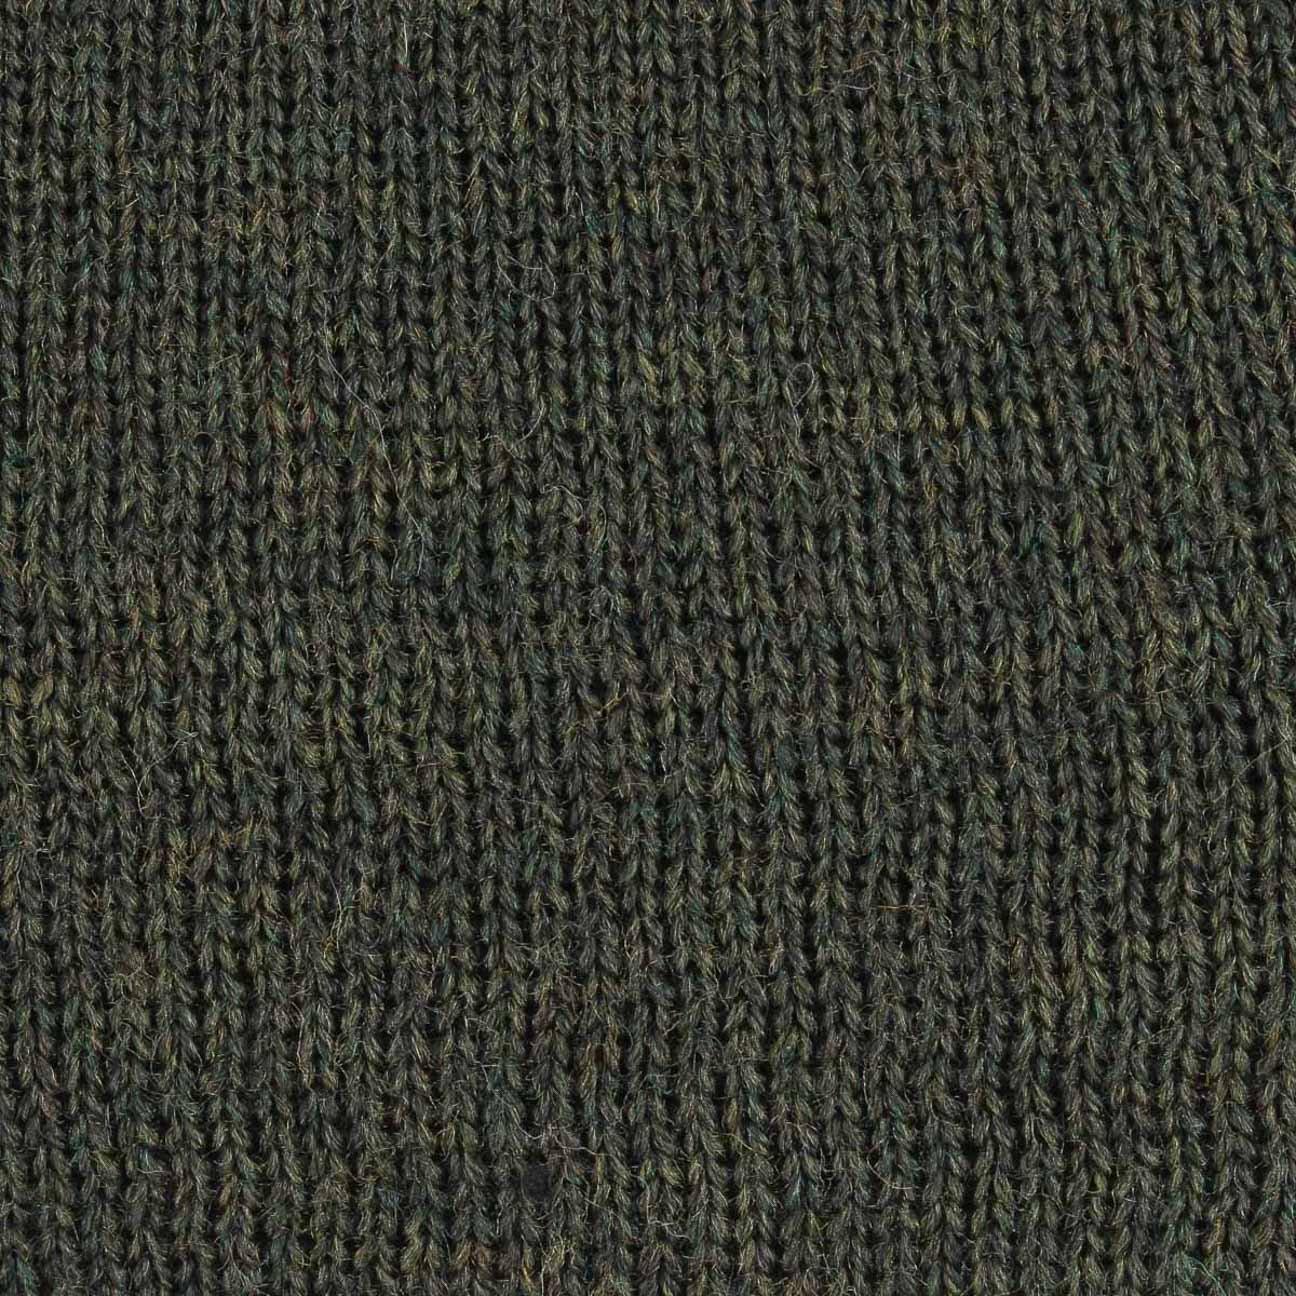 53-60 cm Lierys Fine Merino Stirnband Damen//Herren Herbst//Winter One Size Ohrenwärmer gefüttert mit Baumwolle 7,5-10 cm breit | dreilagiges Strickband aus Merinowolle